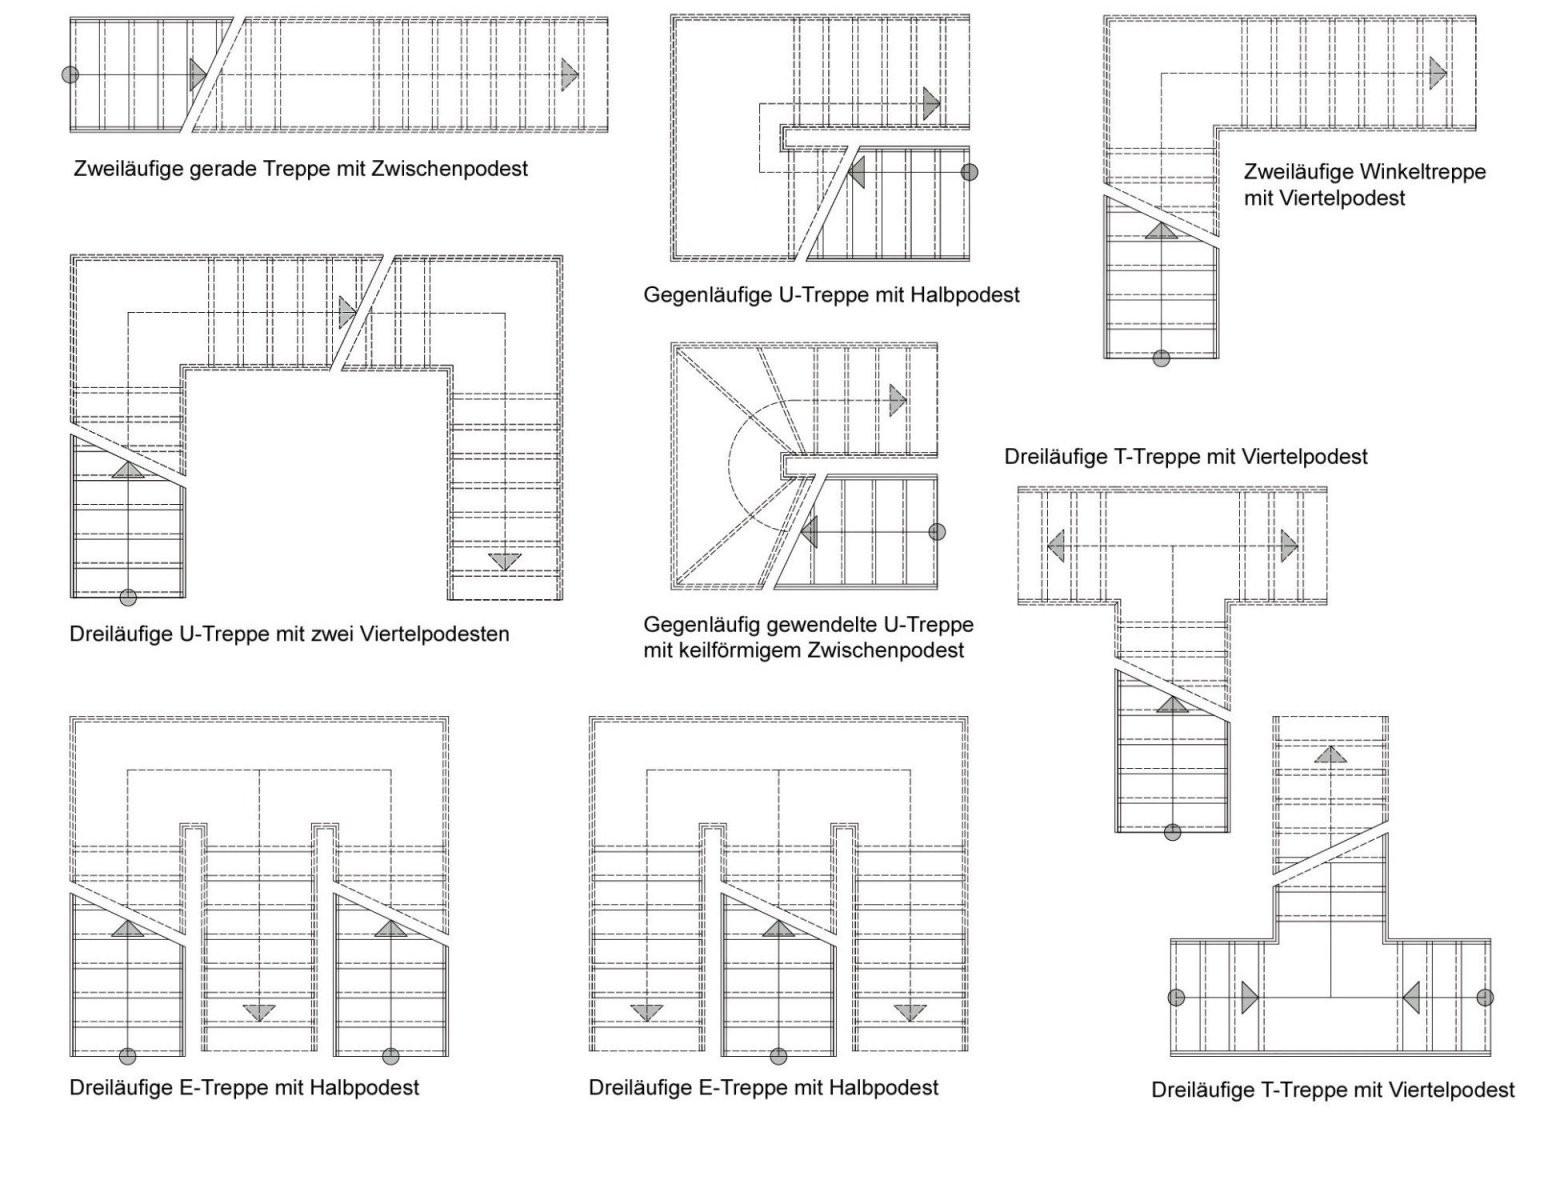 Mehrläufige Treppen  Treppen  Treppenformen  Baunetzwissen von Außentreppe Mit Podest Berechnen Photo